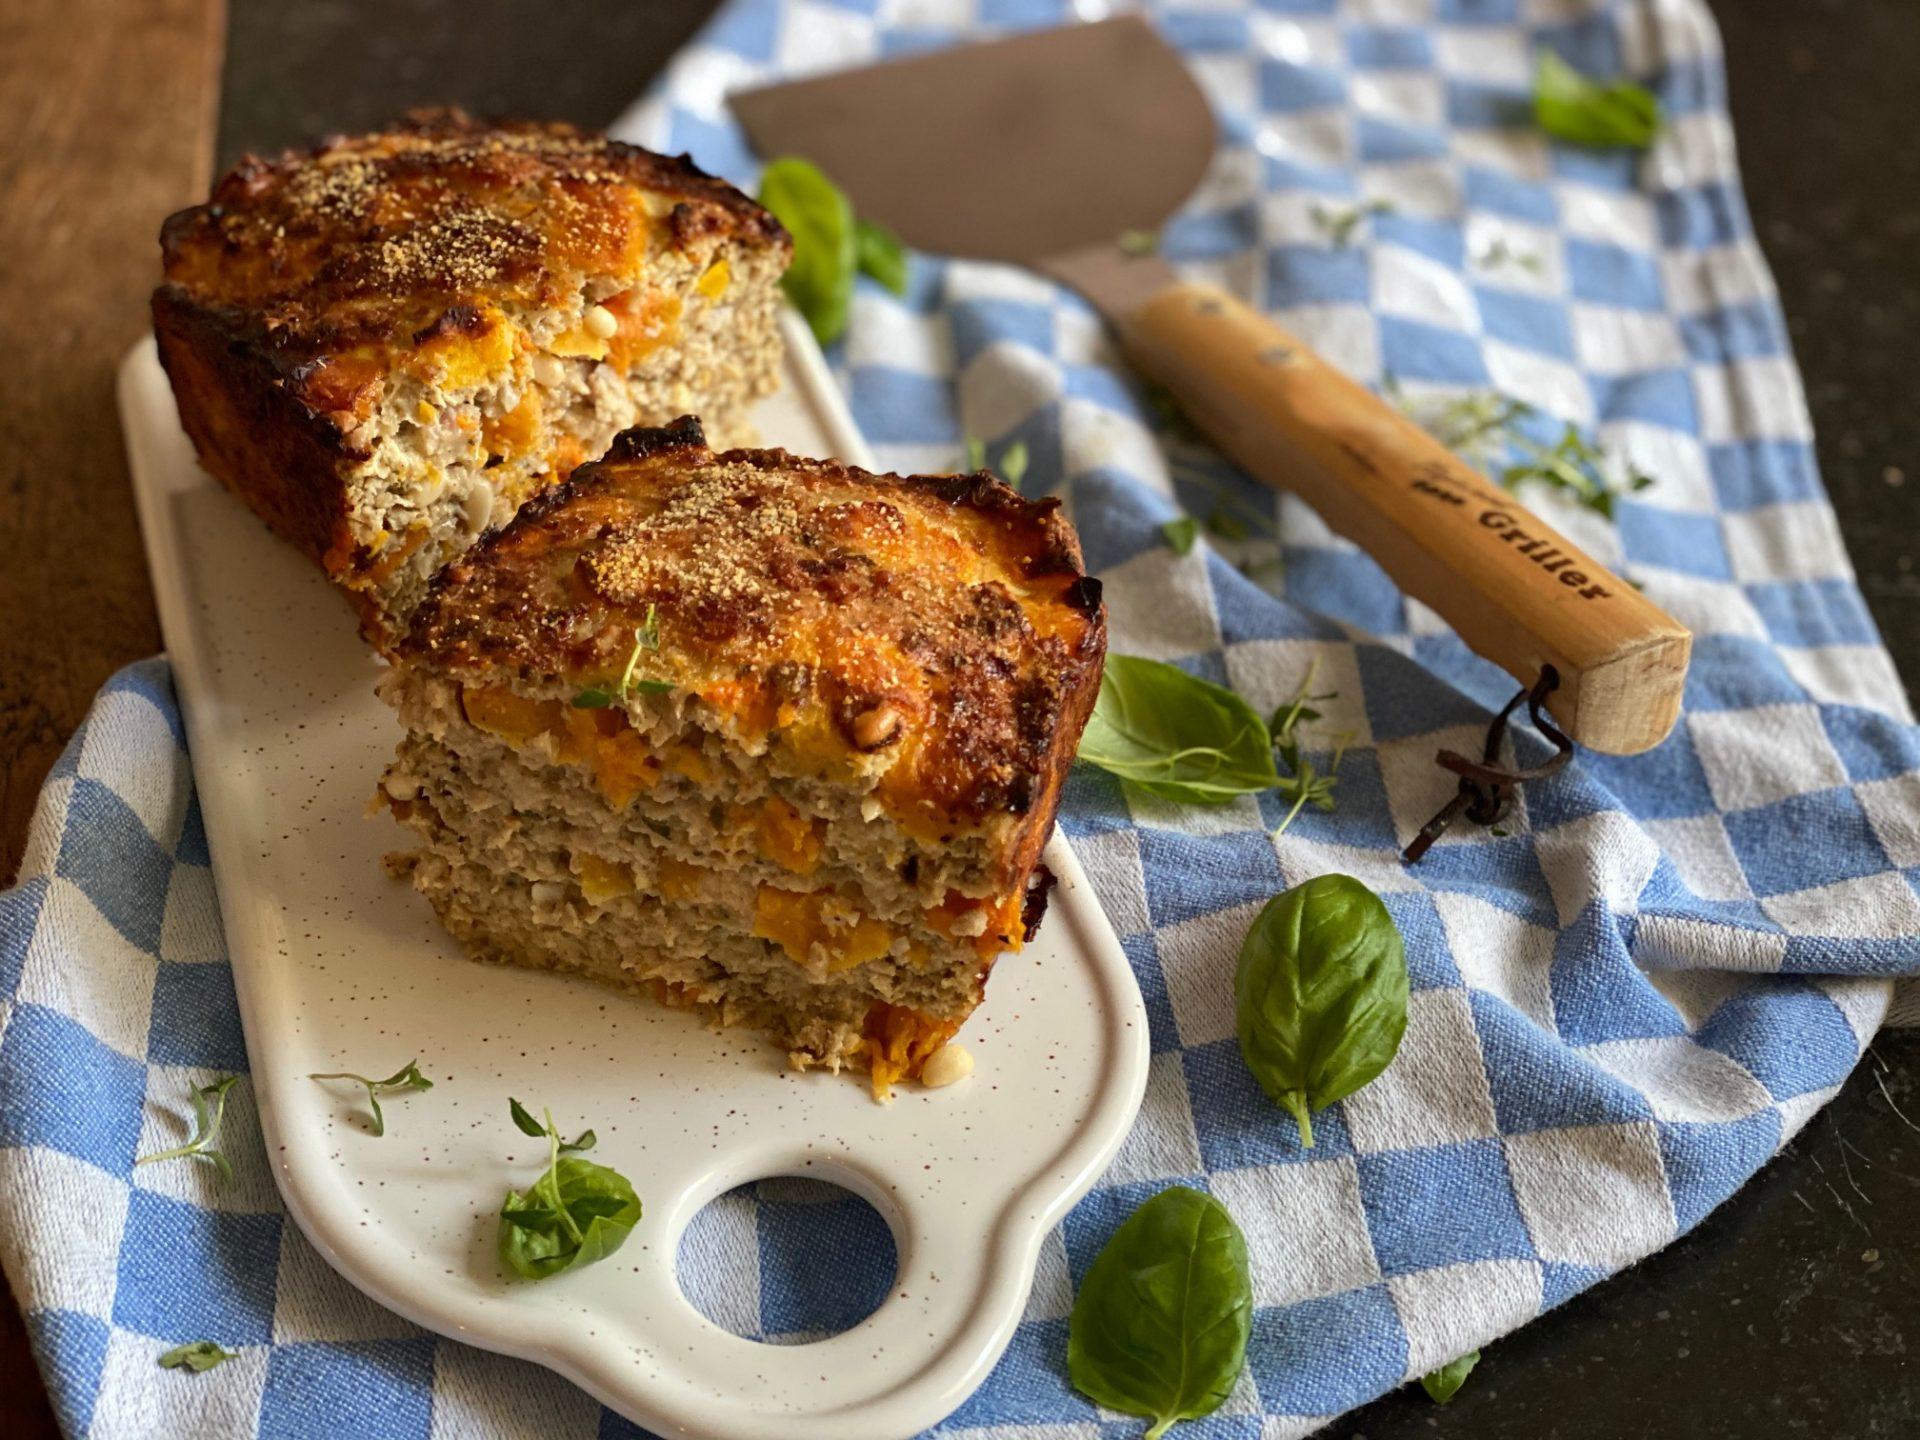 Herfst gehaktbrood recept met kipgehakt en pompoen - Foodblog Foodinista